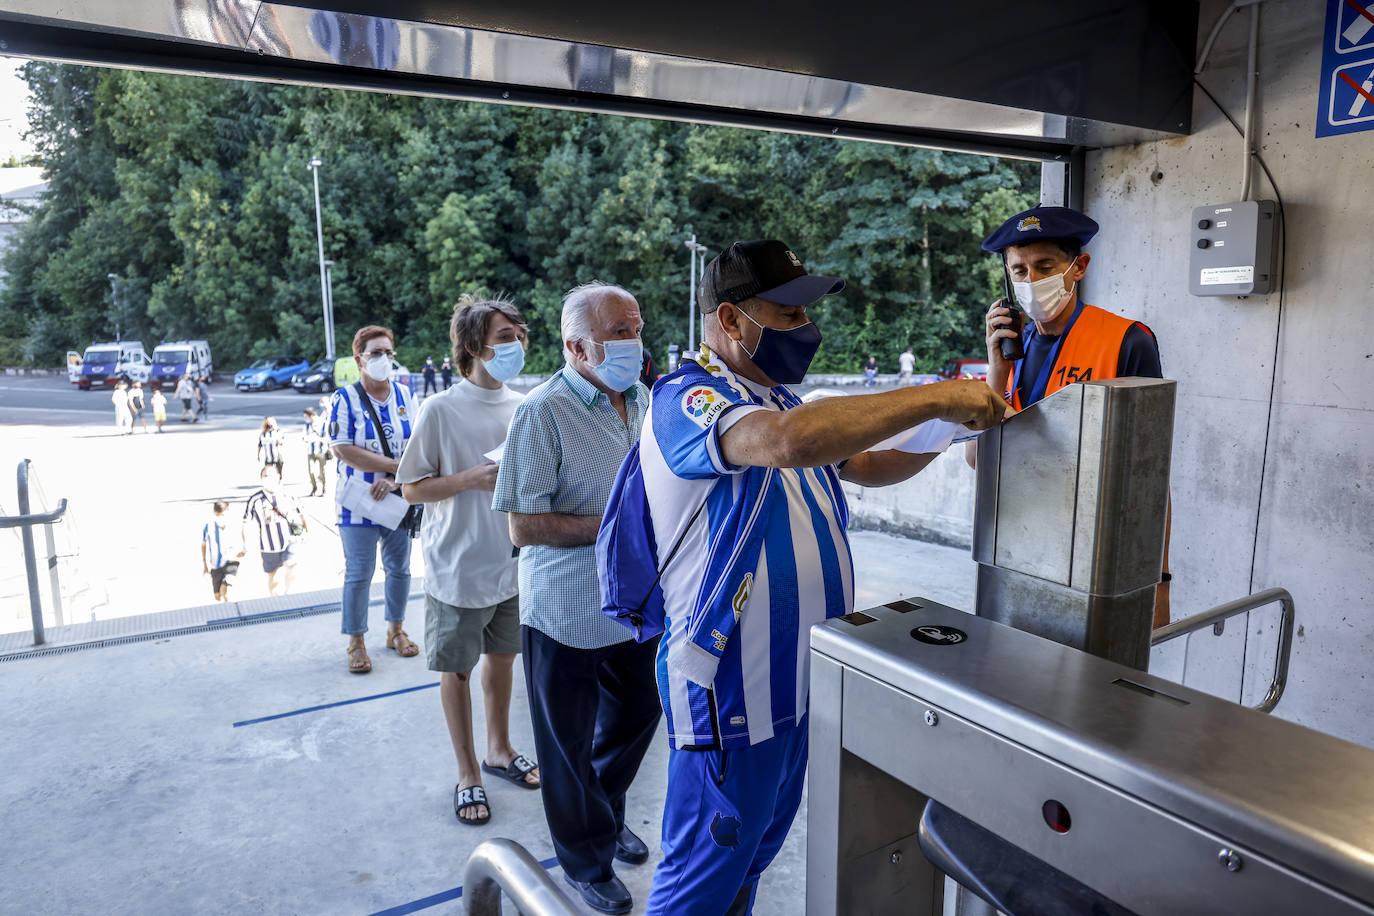 Las mejores imágenes del Real Sociedad - Alavés